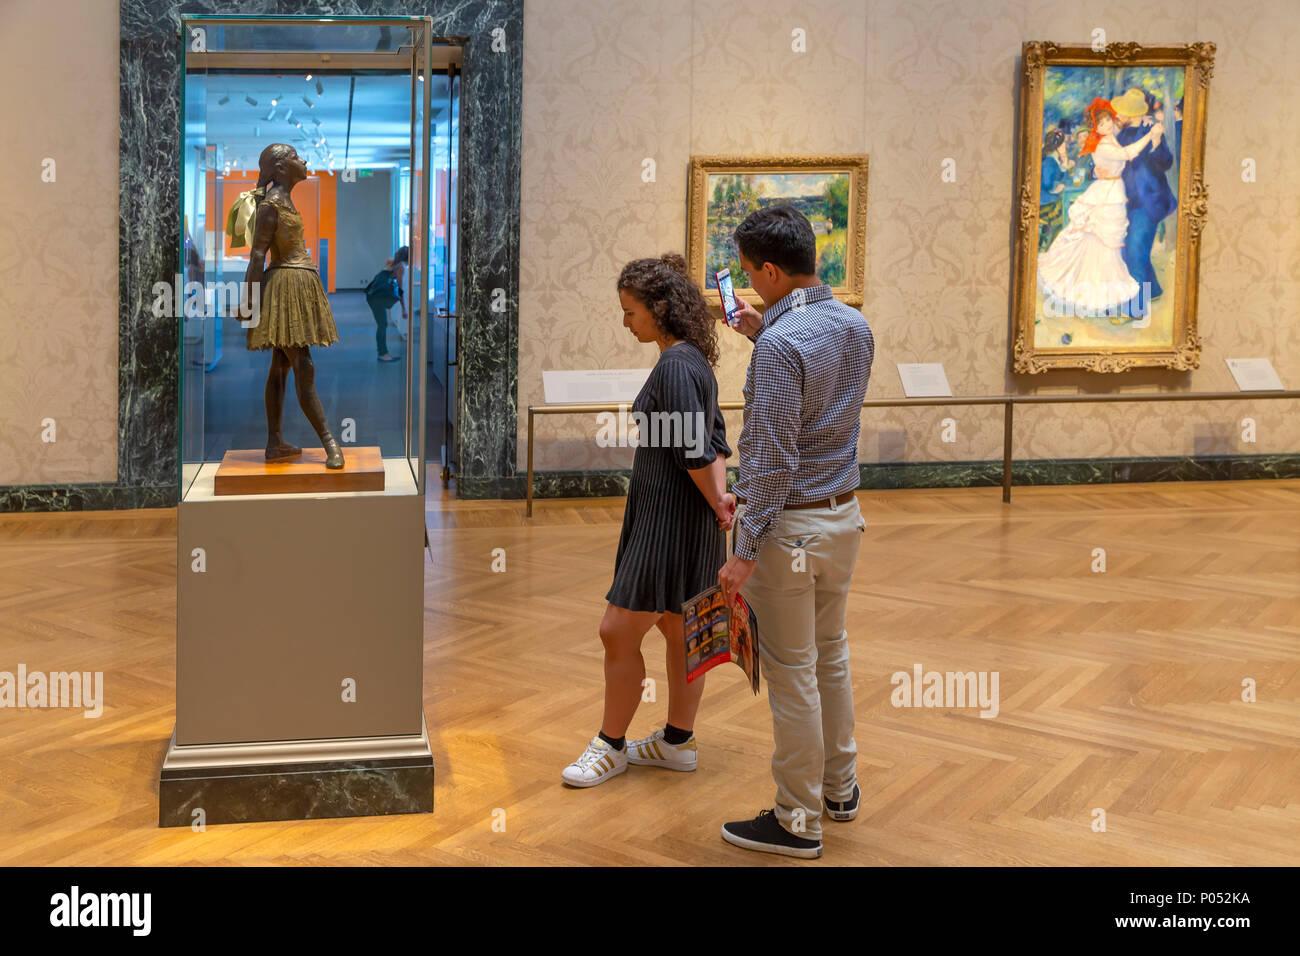 Pareja joven admirar la Pequeña bailarina de 14 años de edad, Edgar Degas, 1888, Museum of Fine Arts, Boston, Mass, Estados Unidos, América del Norte Imagen De Stock